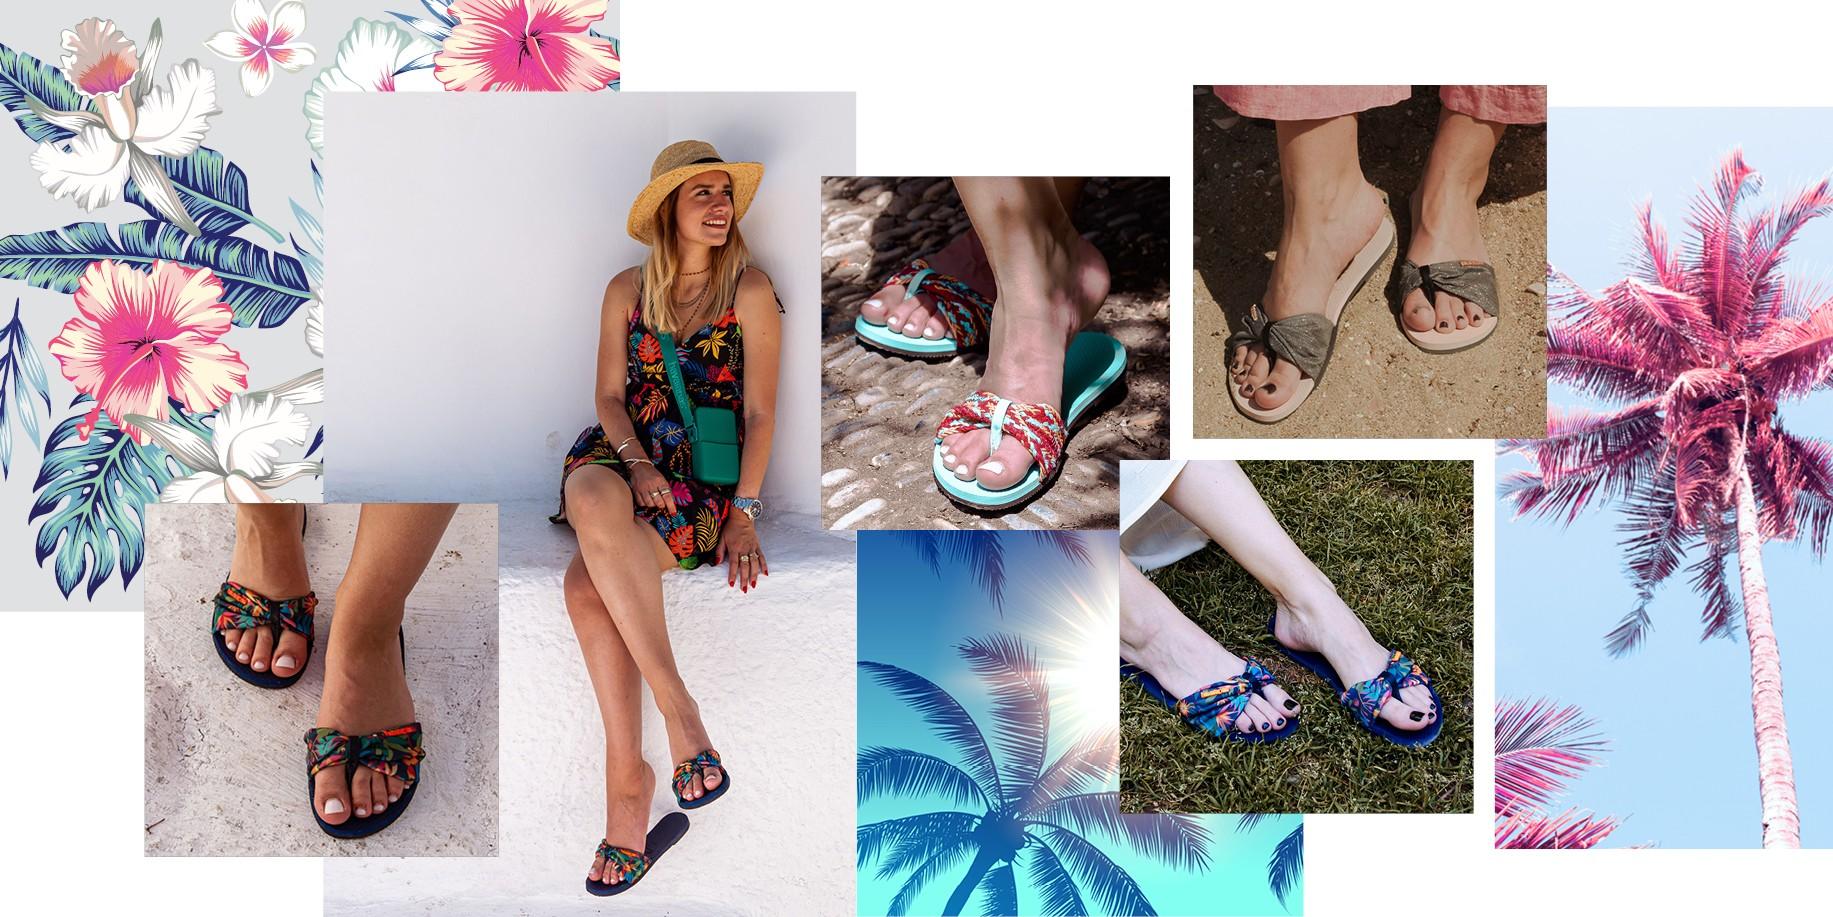 Έτσι θα φορέσεις τις Havaianas και εκτός παραλίας. Οι editors του ELLE.gr δημιουργούν 4+1 υπέροχα street style looks που σίγουρα θα σε εμπνεύσουν